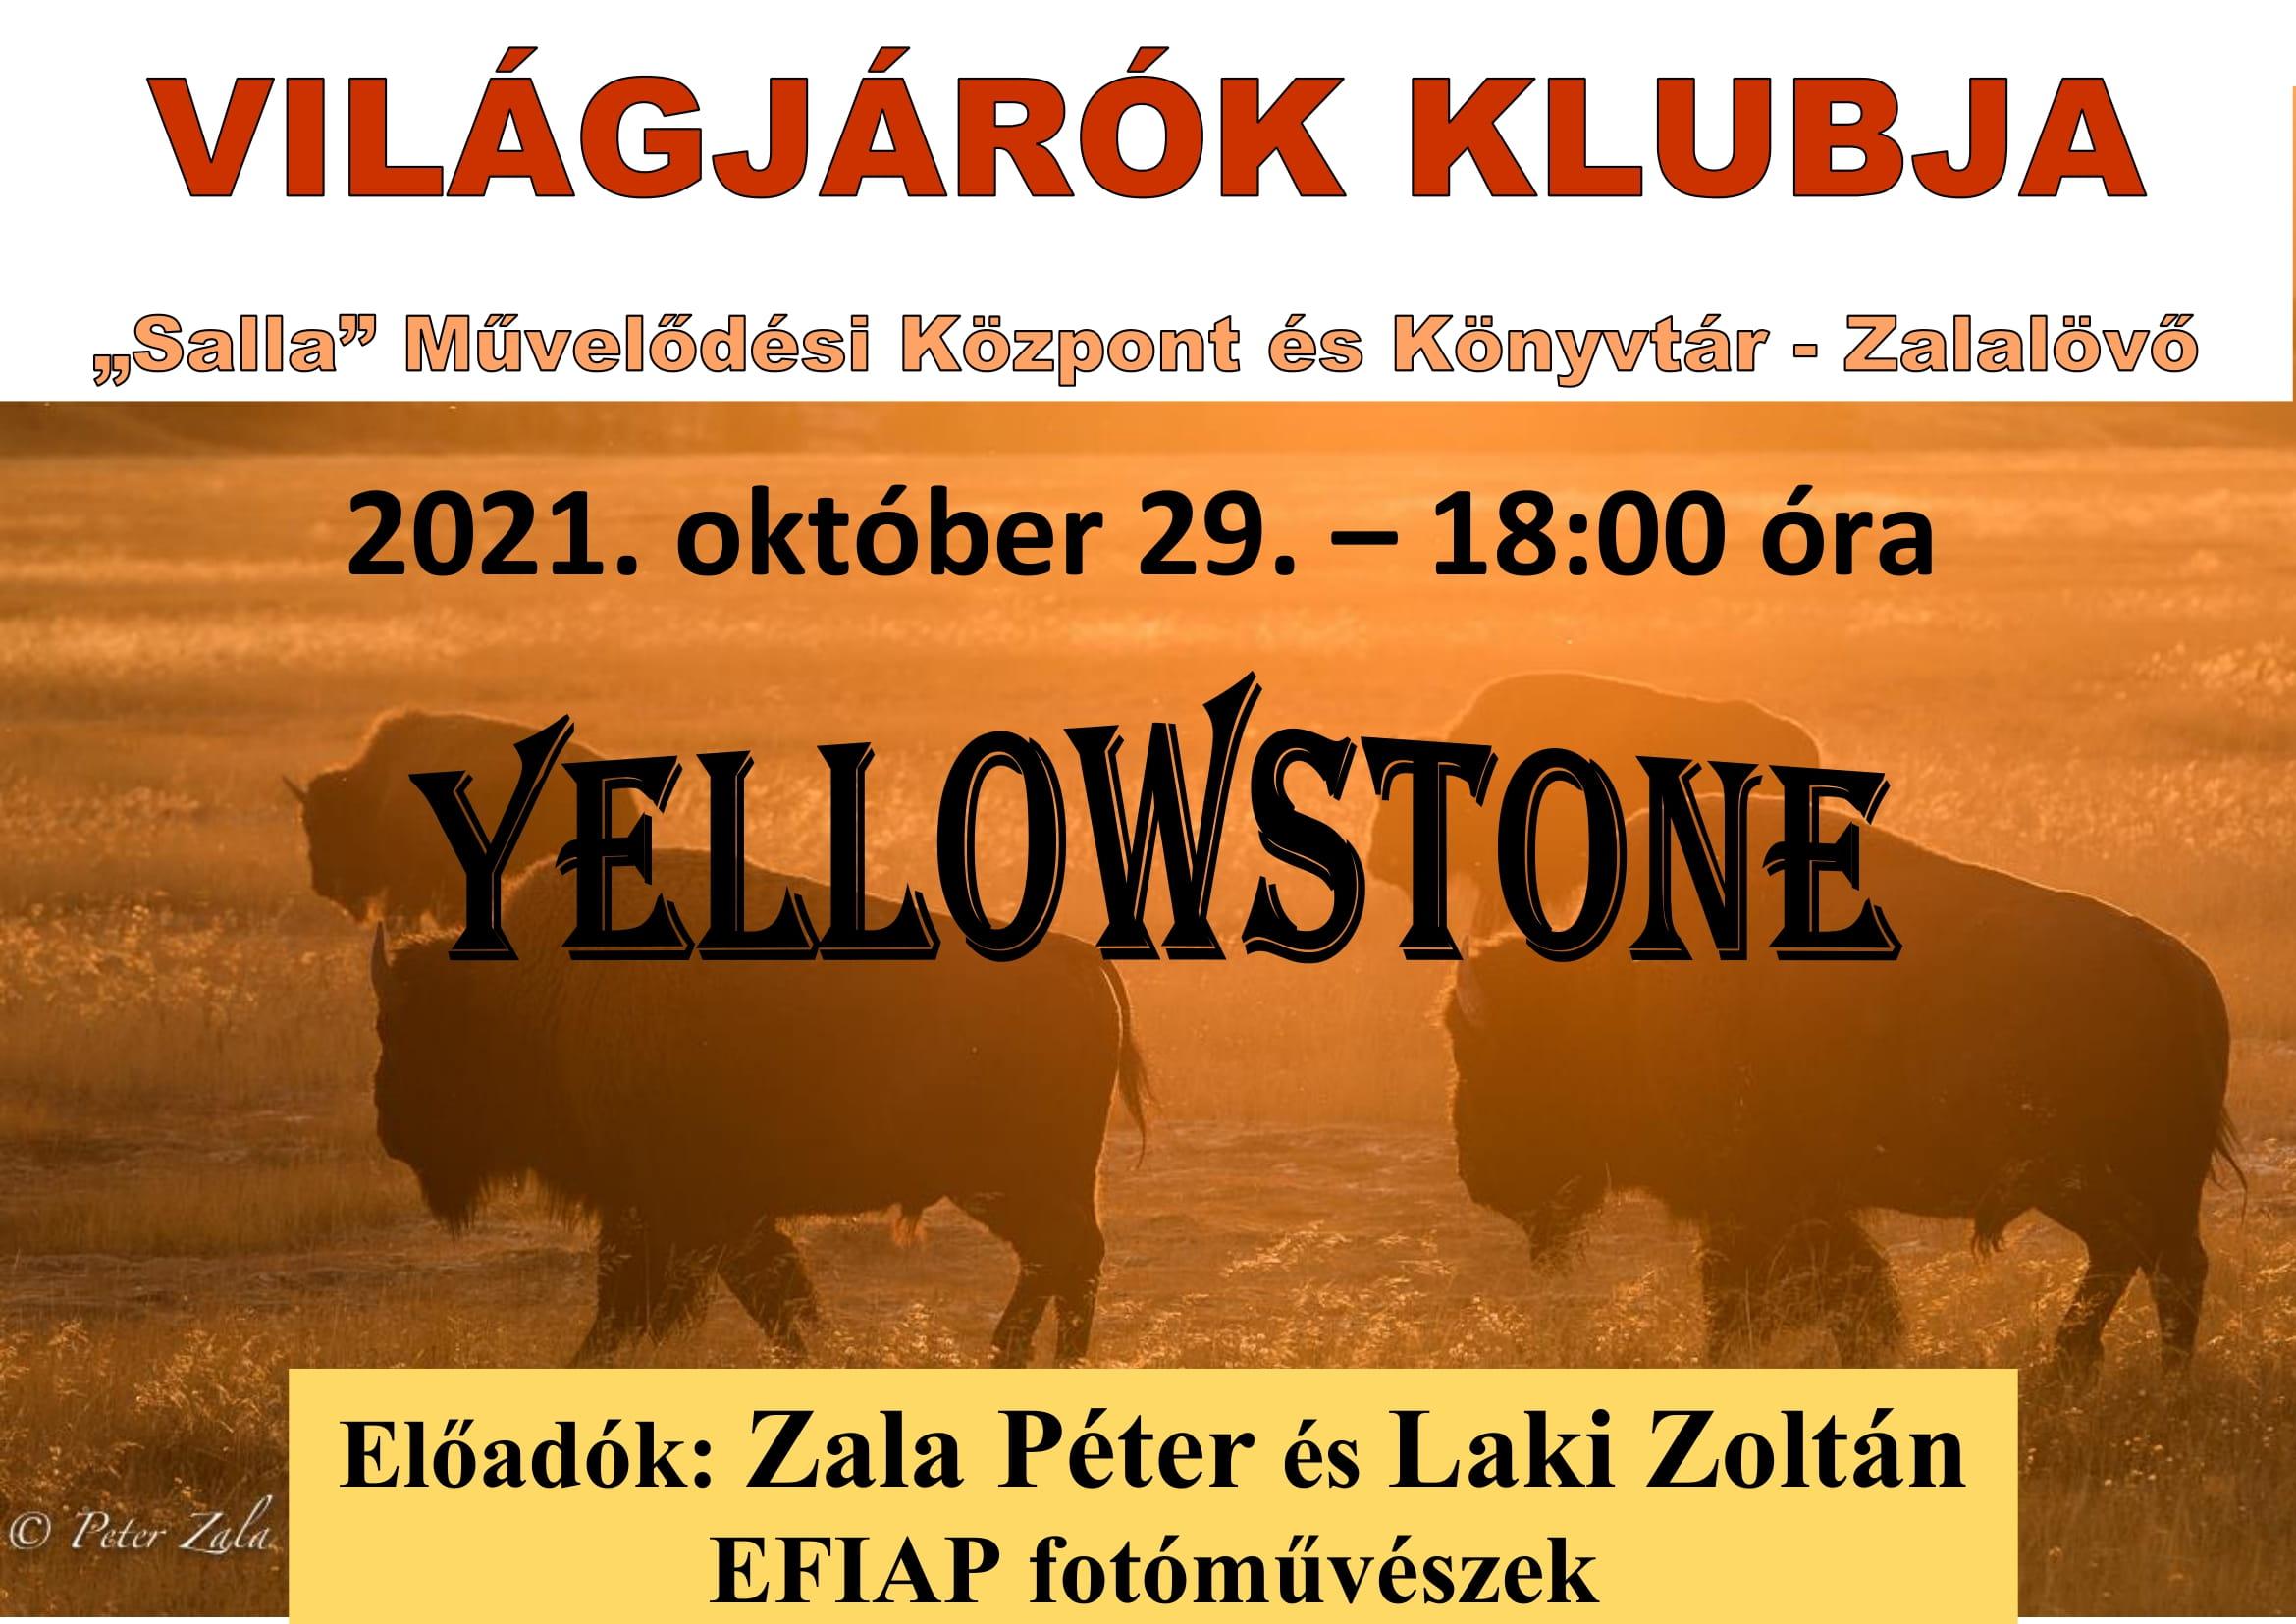 VILÁGJÁRÓK KLUBJA – Yellowstone